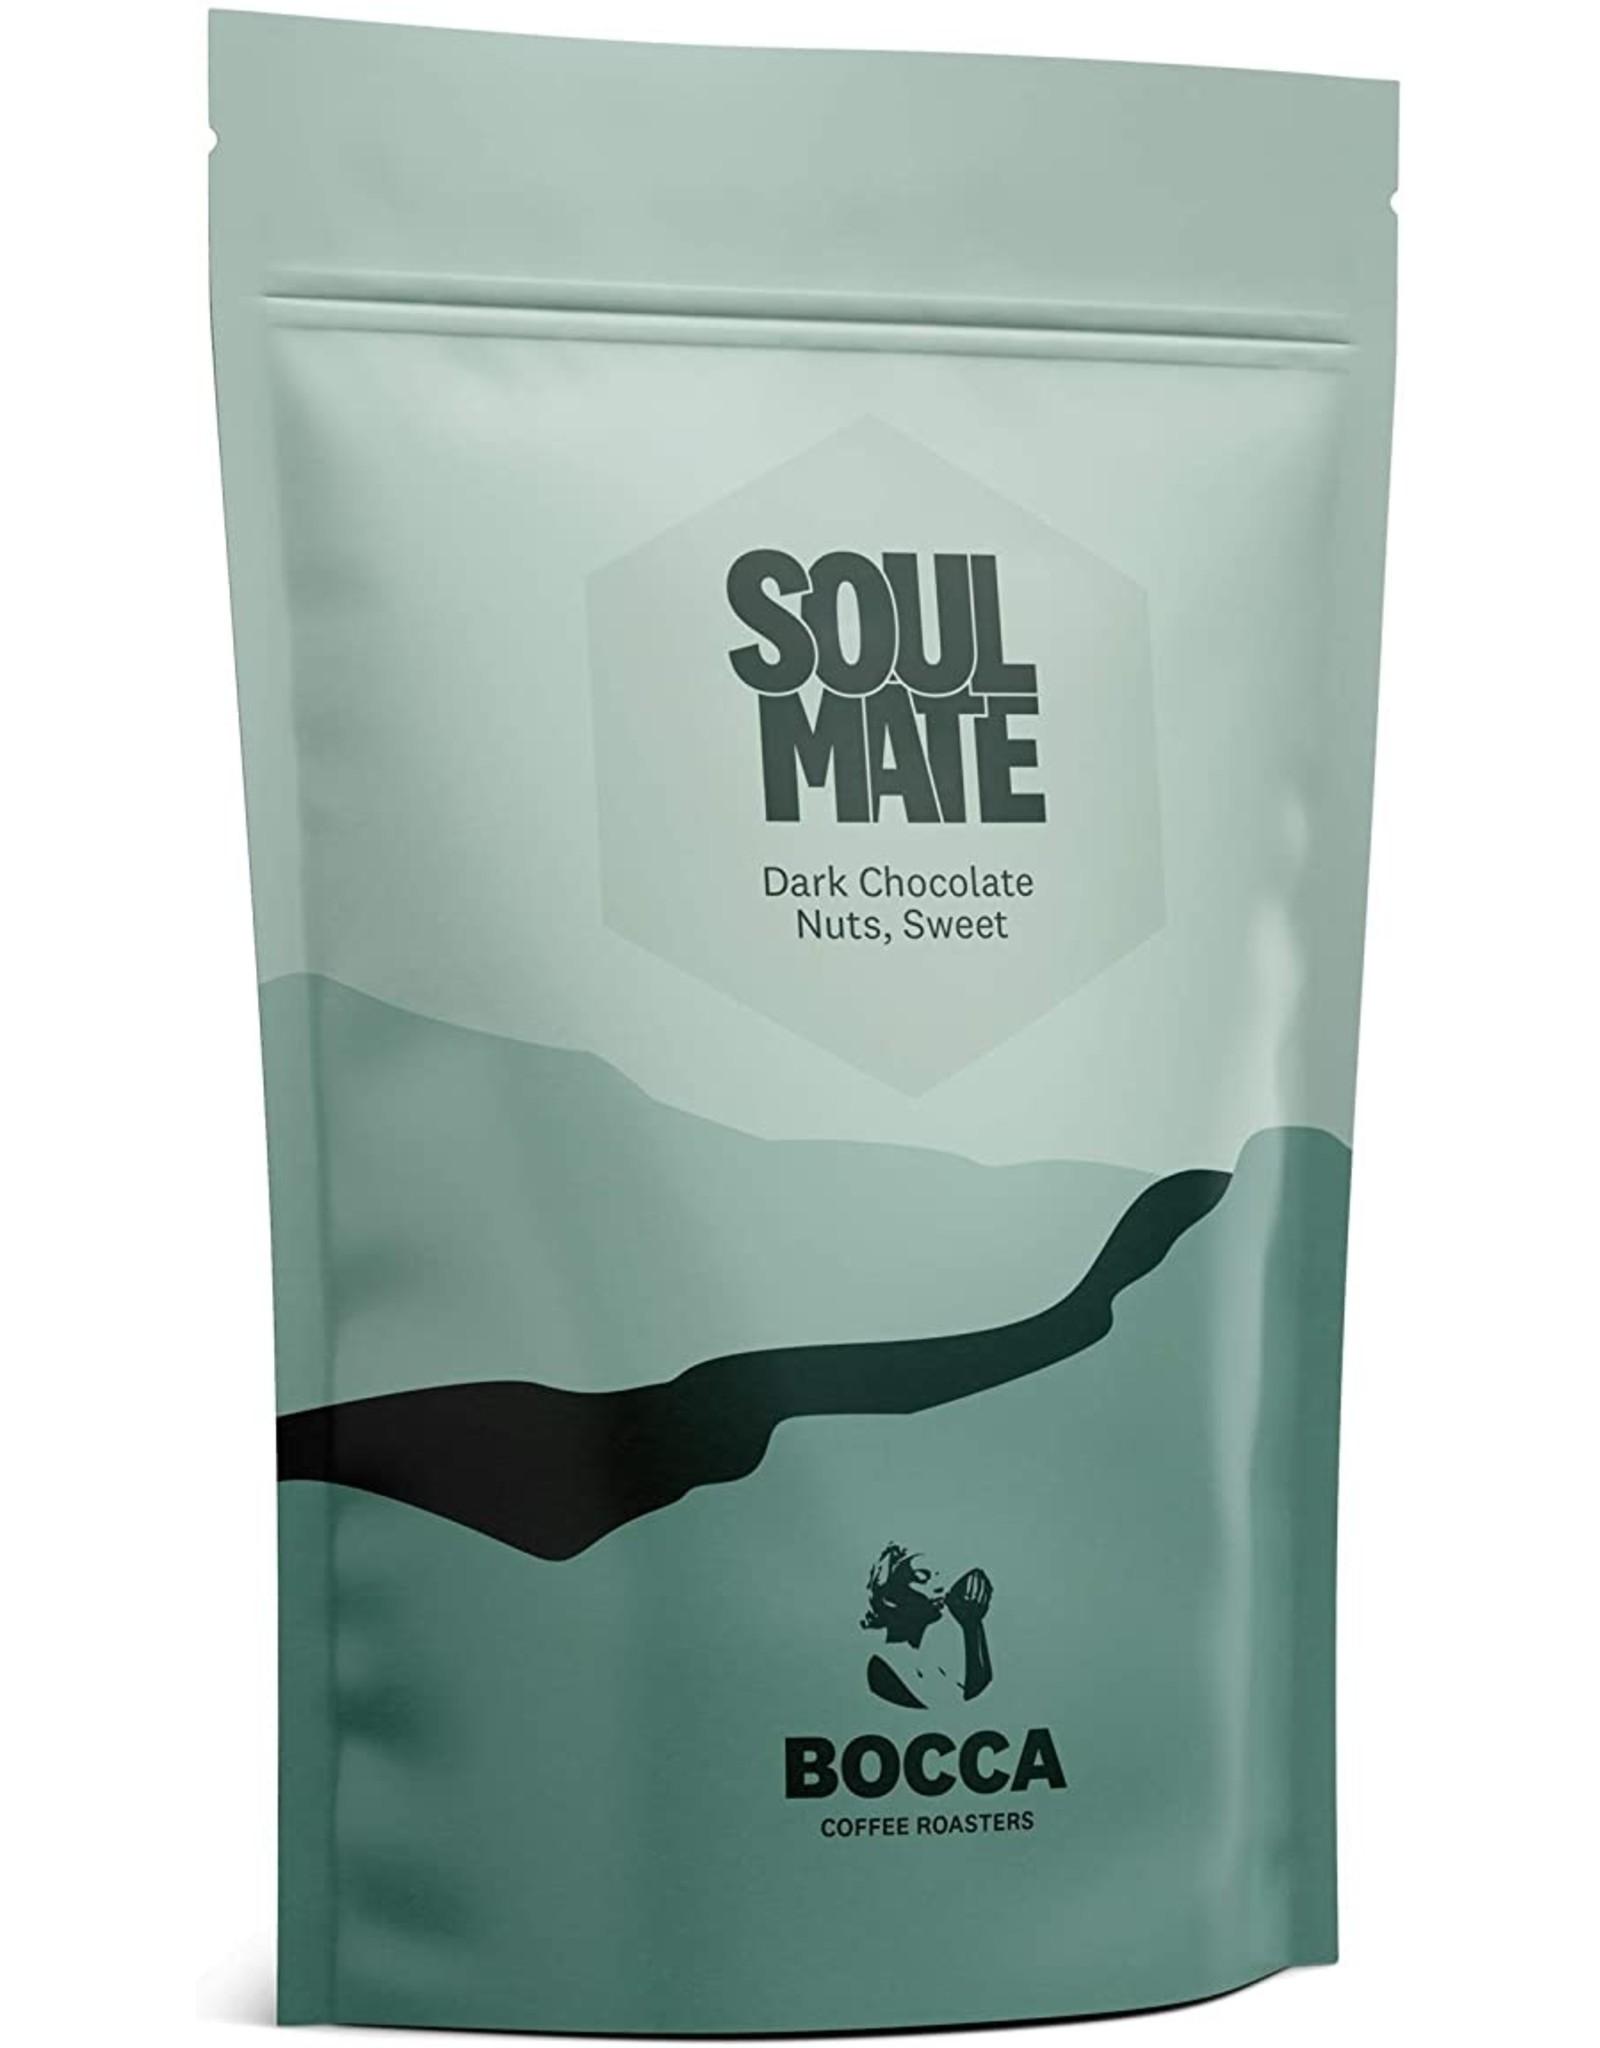 Bocca koffie. 250 g. Soul Mate.